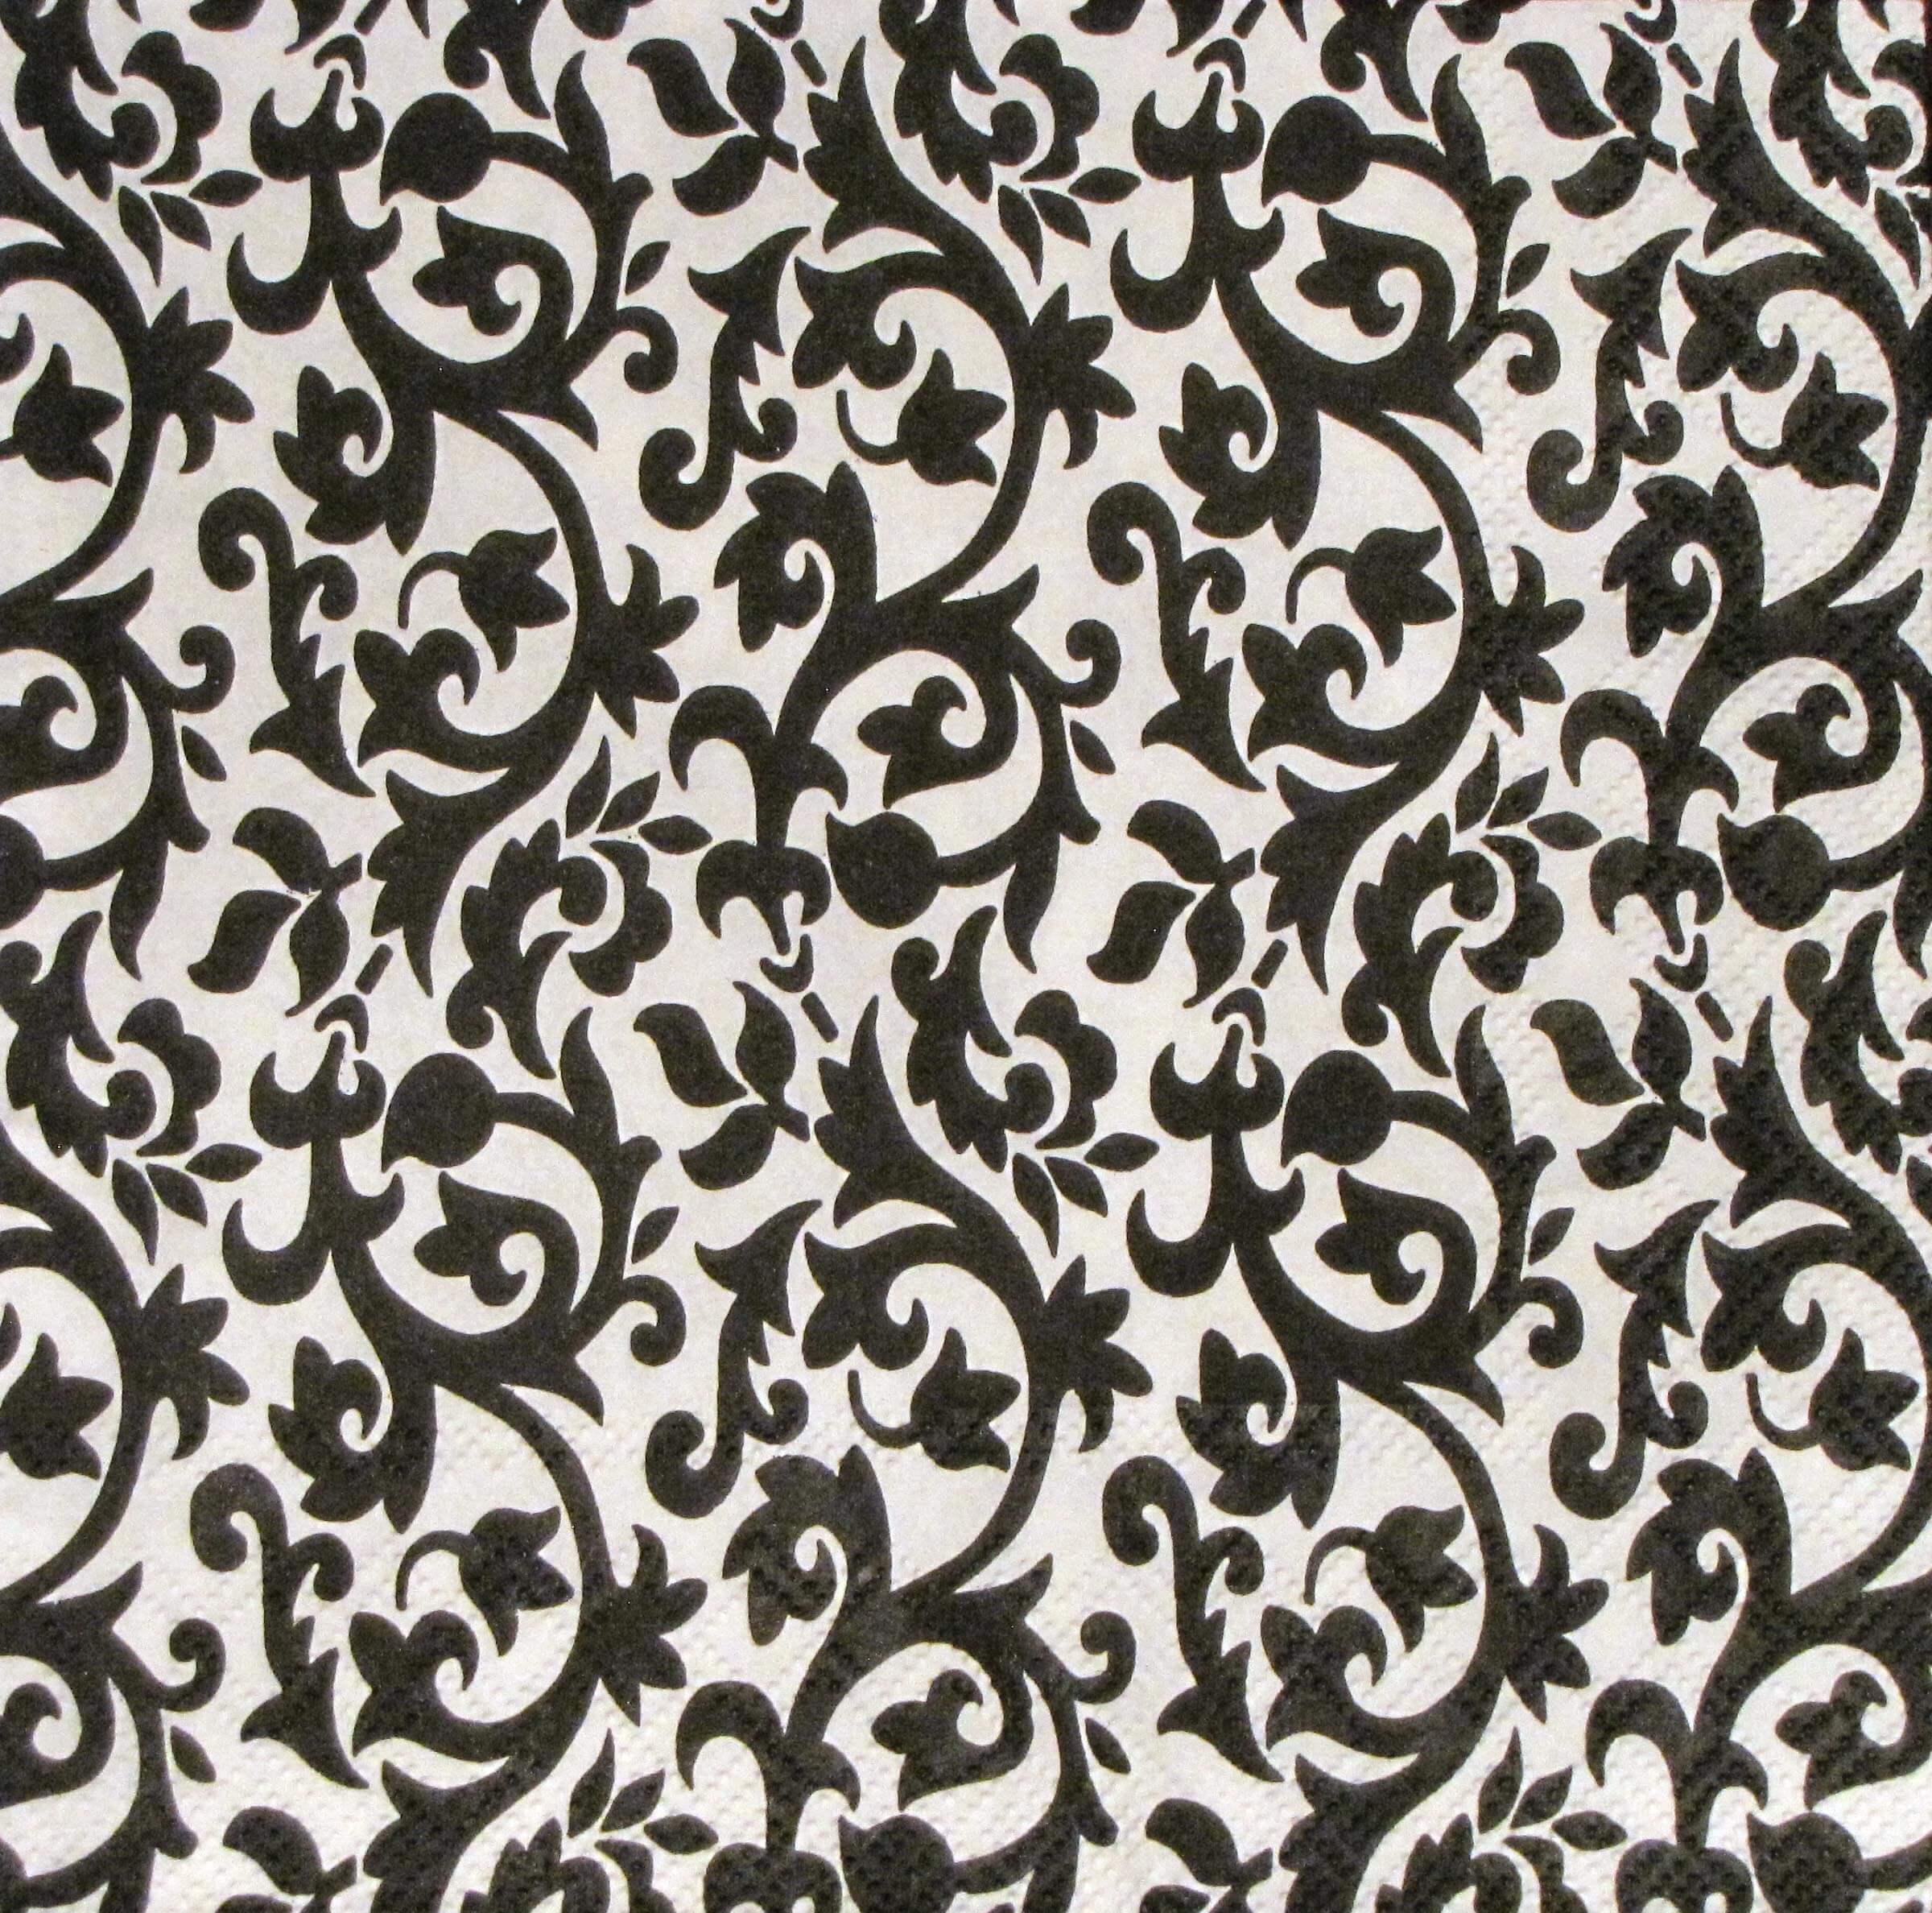 serviette ornament schwarz wei angels garden dekoshop. Black Bedroom Furniture Sets. Home Design Ideas